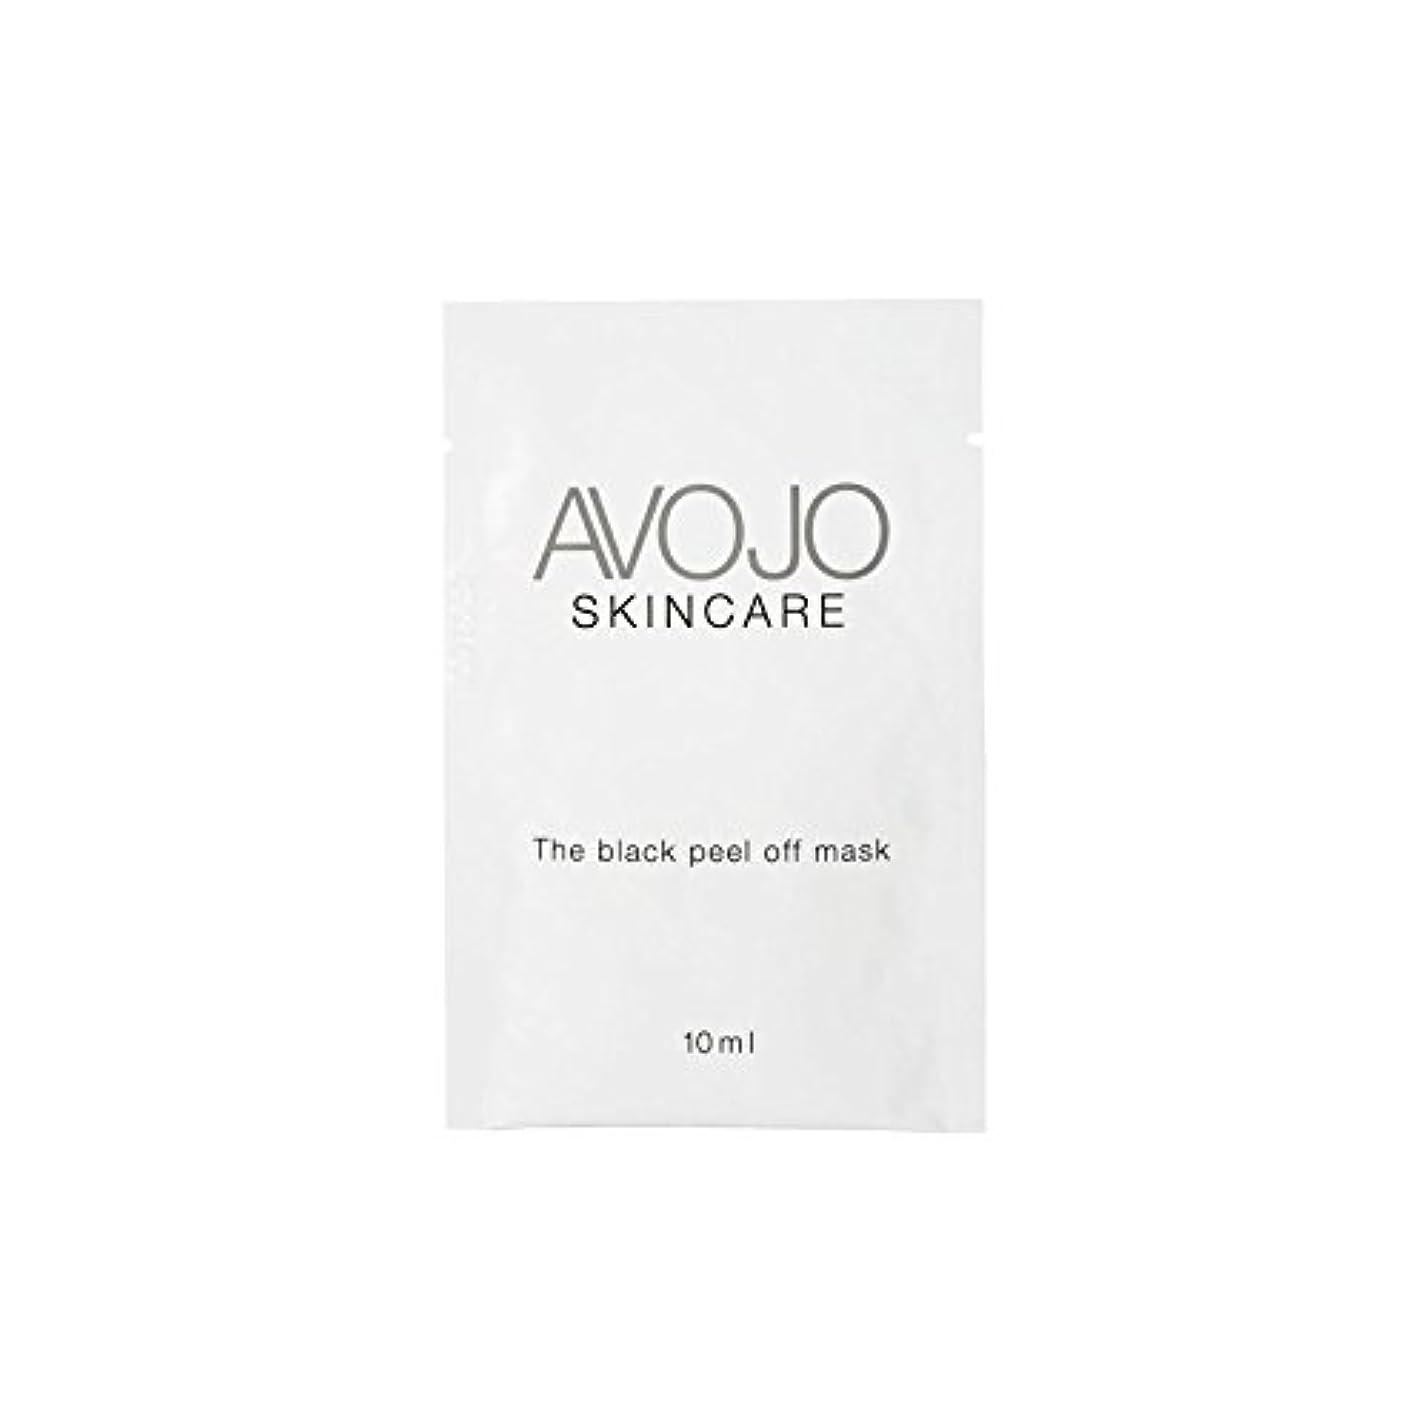 曇った見えるアベニュー- ブラックピールオフマスク - 小袋(10ミリリットル×4) x4 - Avojo - The Black Peel Off Mask - Sachet (10ml X 4) (Pack of 4) [並行輸入品]